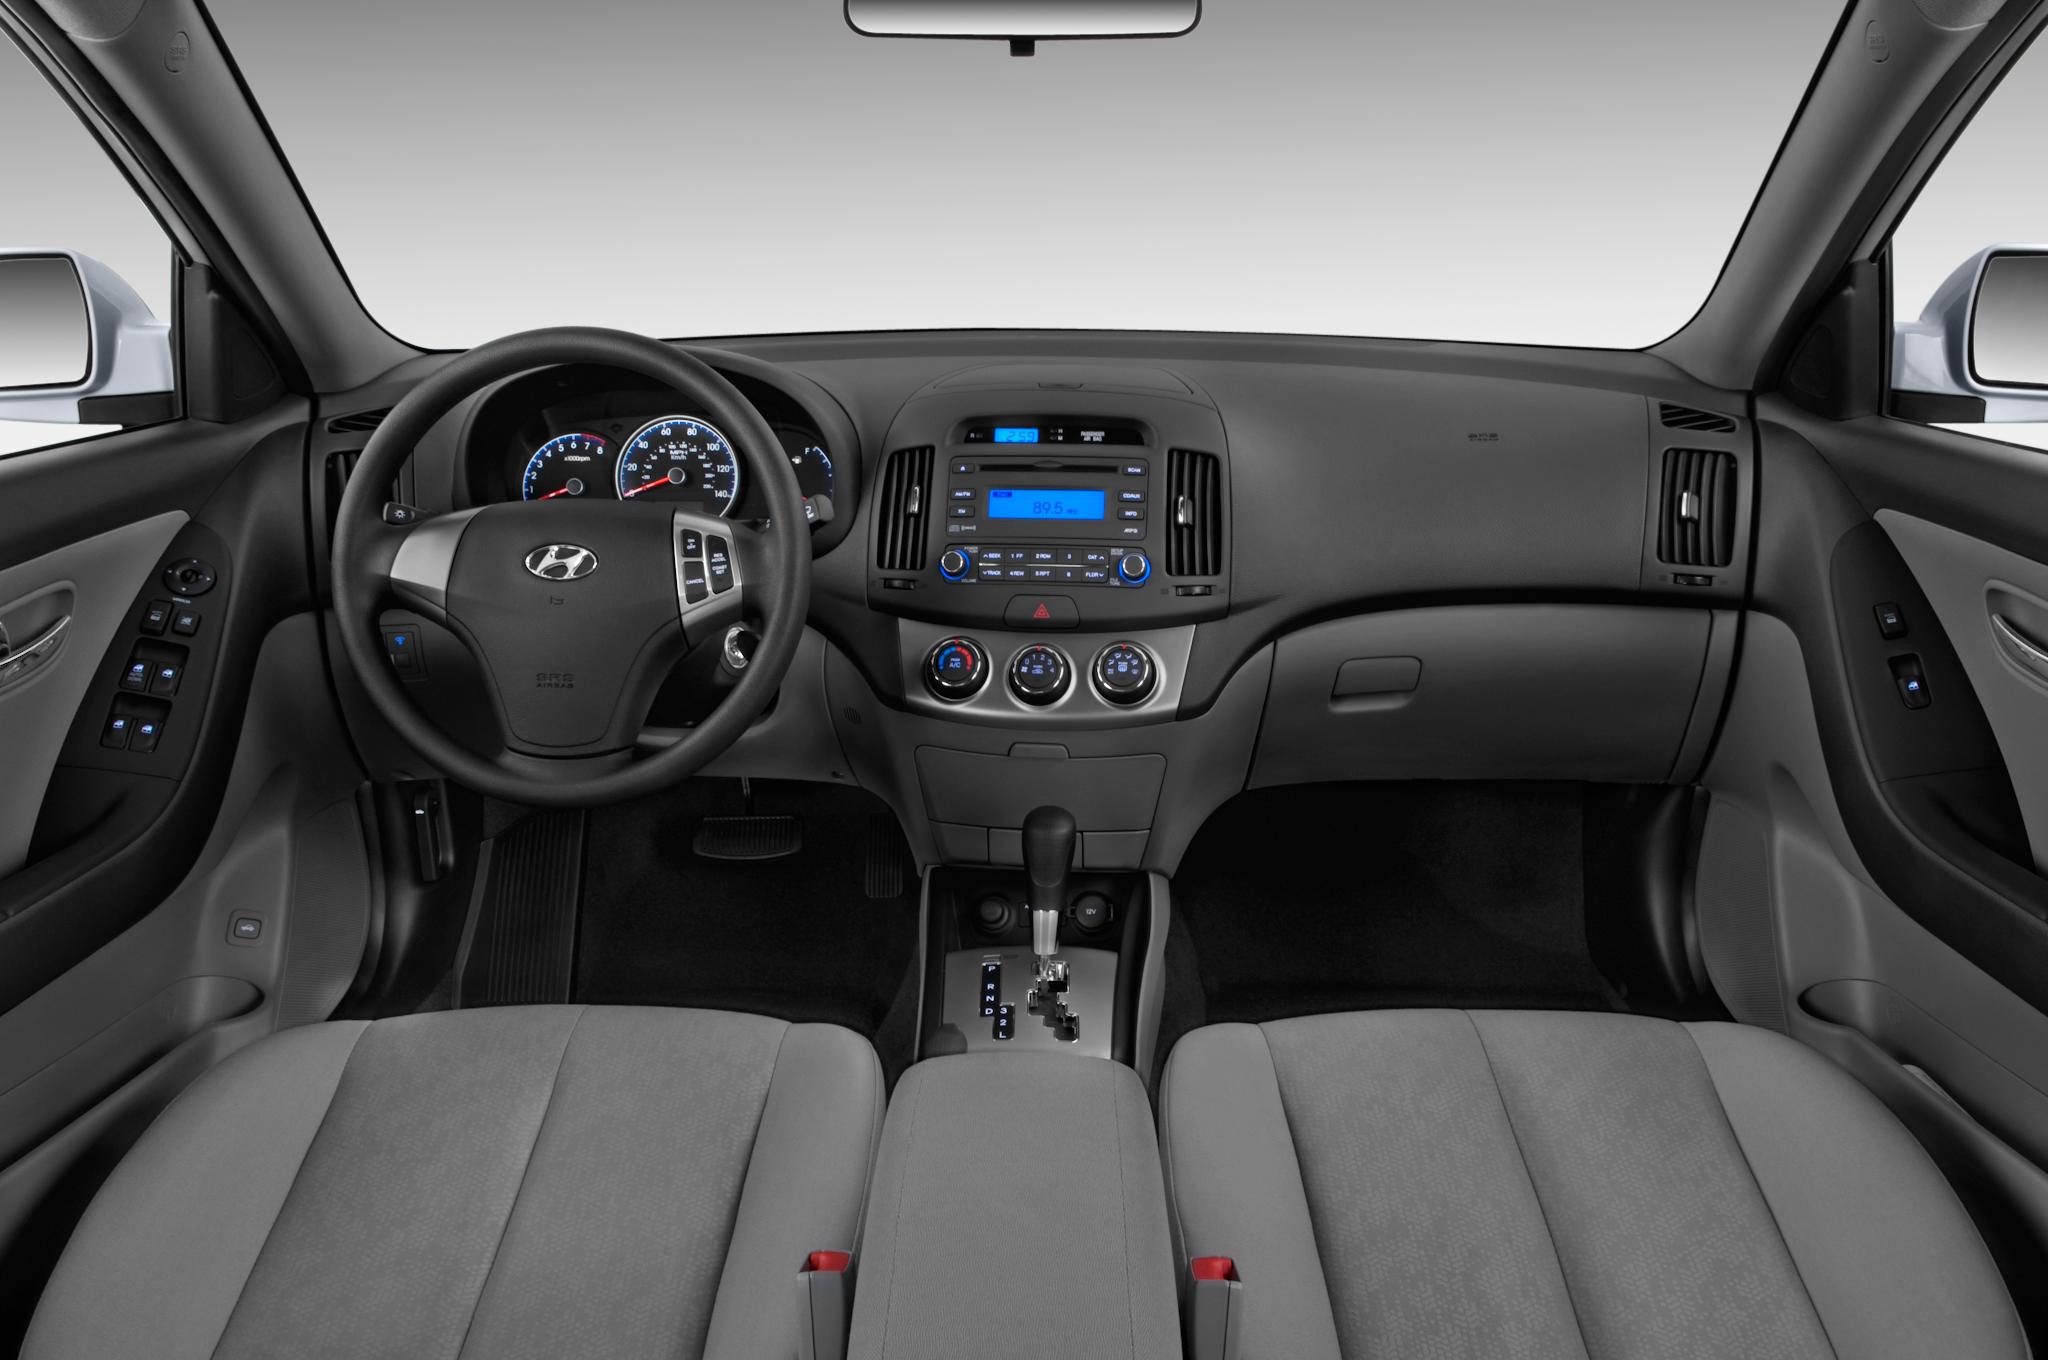 2010 Hyundai Elantra Blue added to Elantra Range